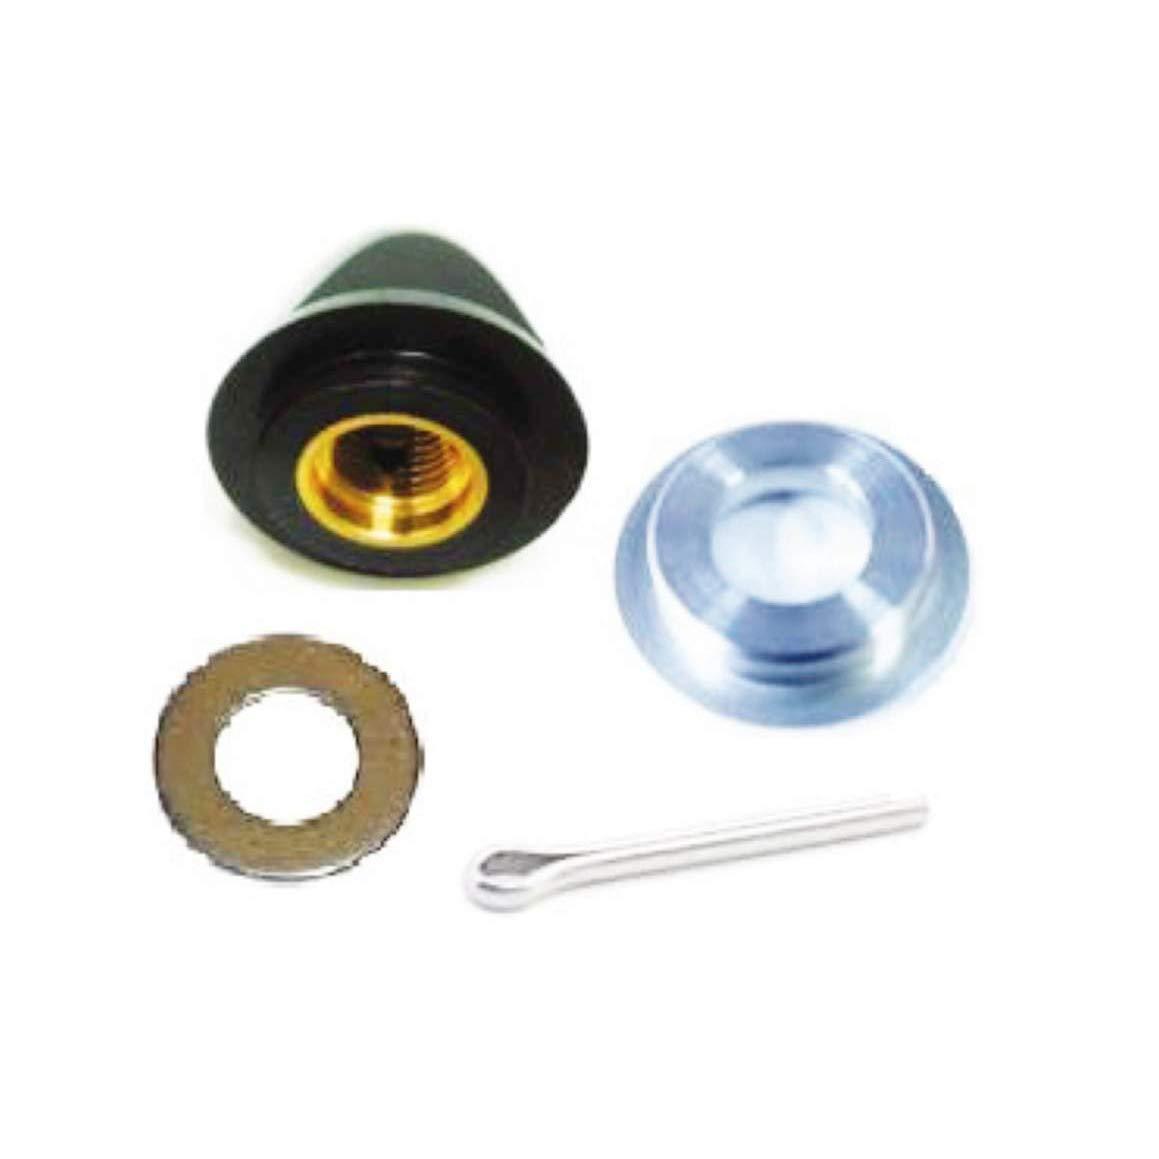 Sierra 18-73994 Prop Nut Kit,